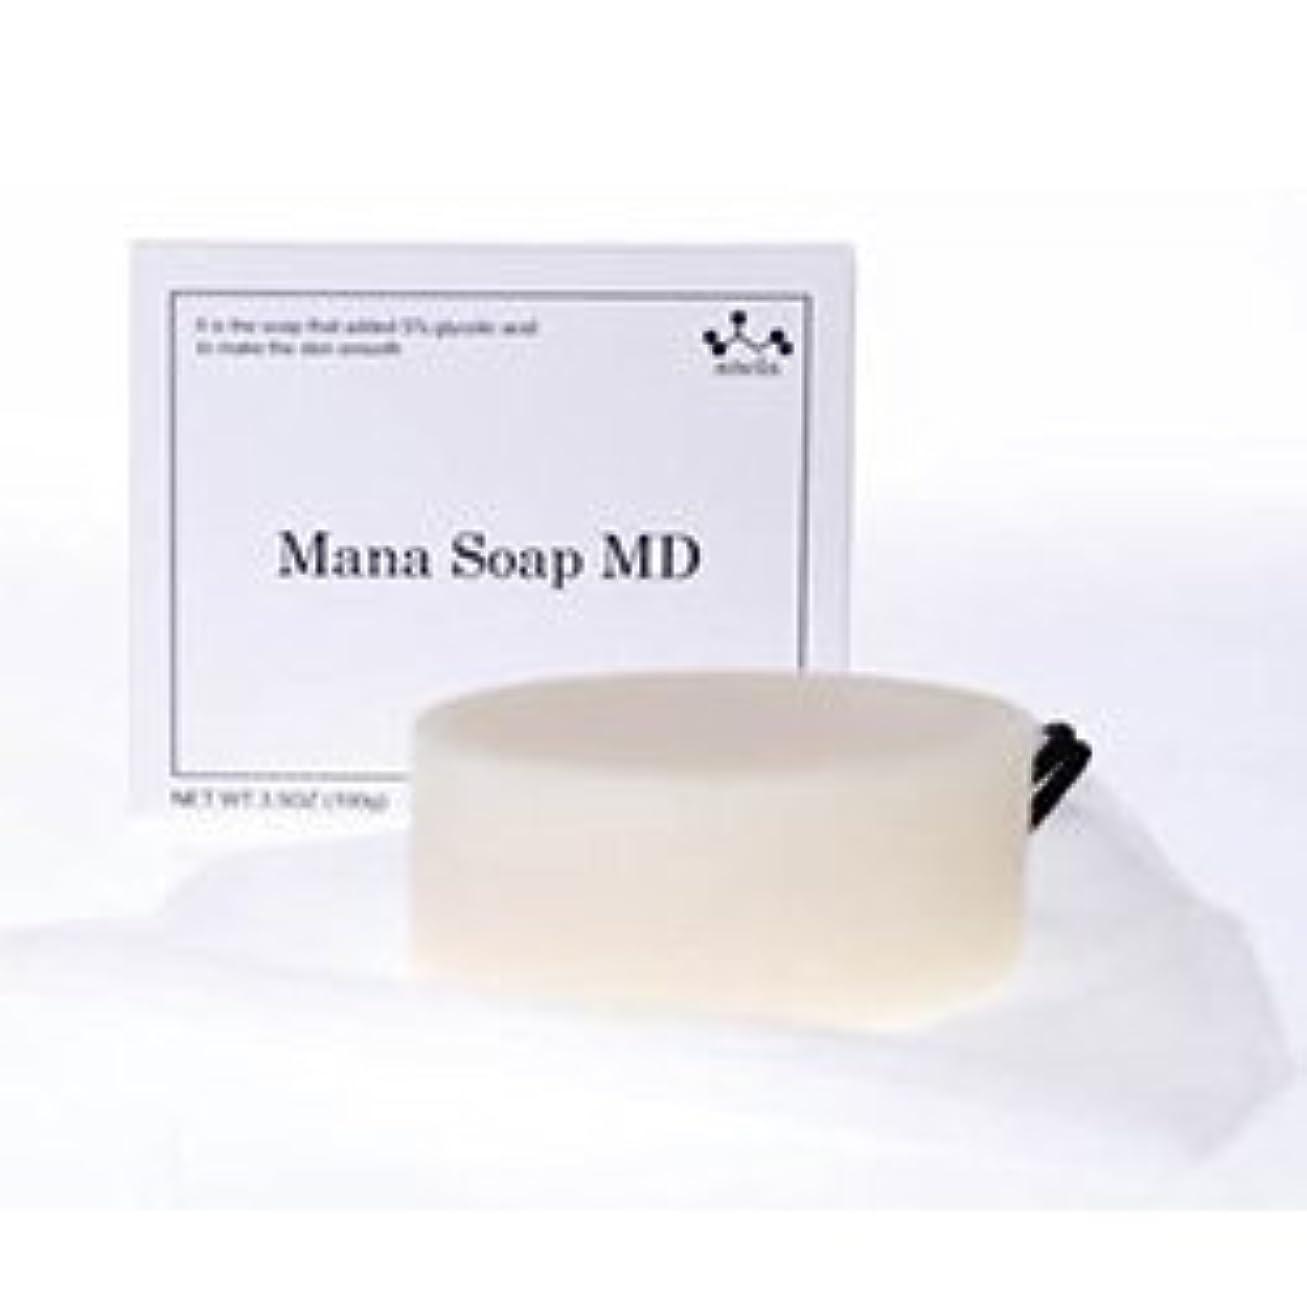 原始的なトランスペアレント証明書【ニキビ?乾燥?敏感】マナソープMD5 乾燥するけどニキビができるという方におすすめ! プラセンタ配合の無添加ピーリング石鹸 (5%)